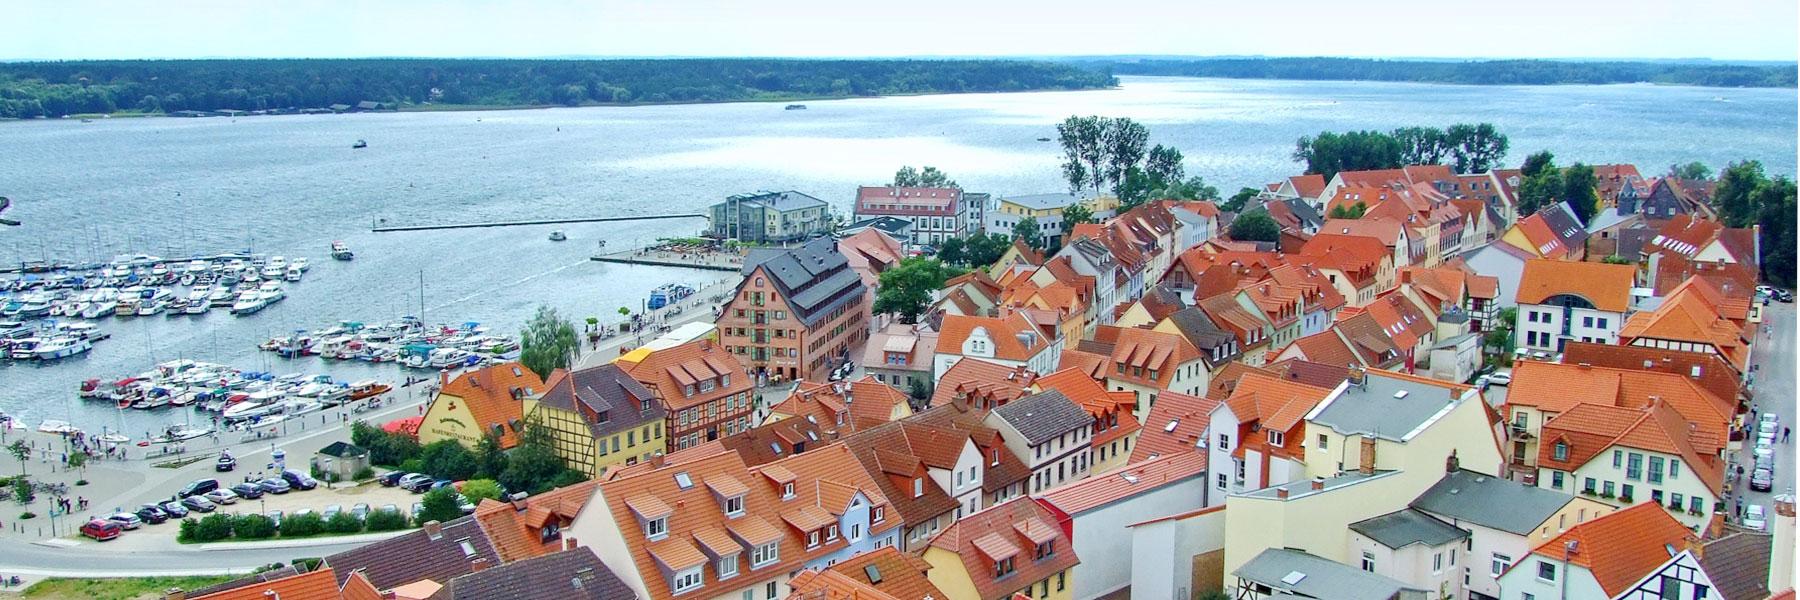 Luftbild Waren - Ferienwohnungen Zum Yachthafen